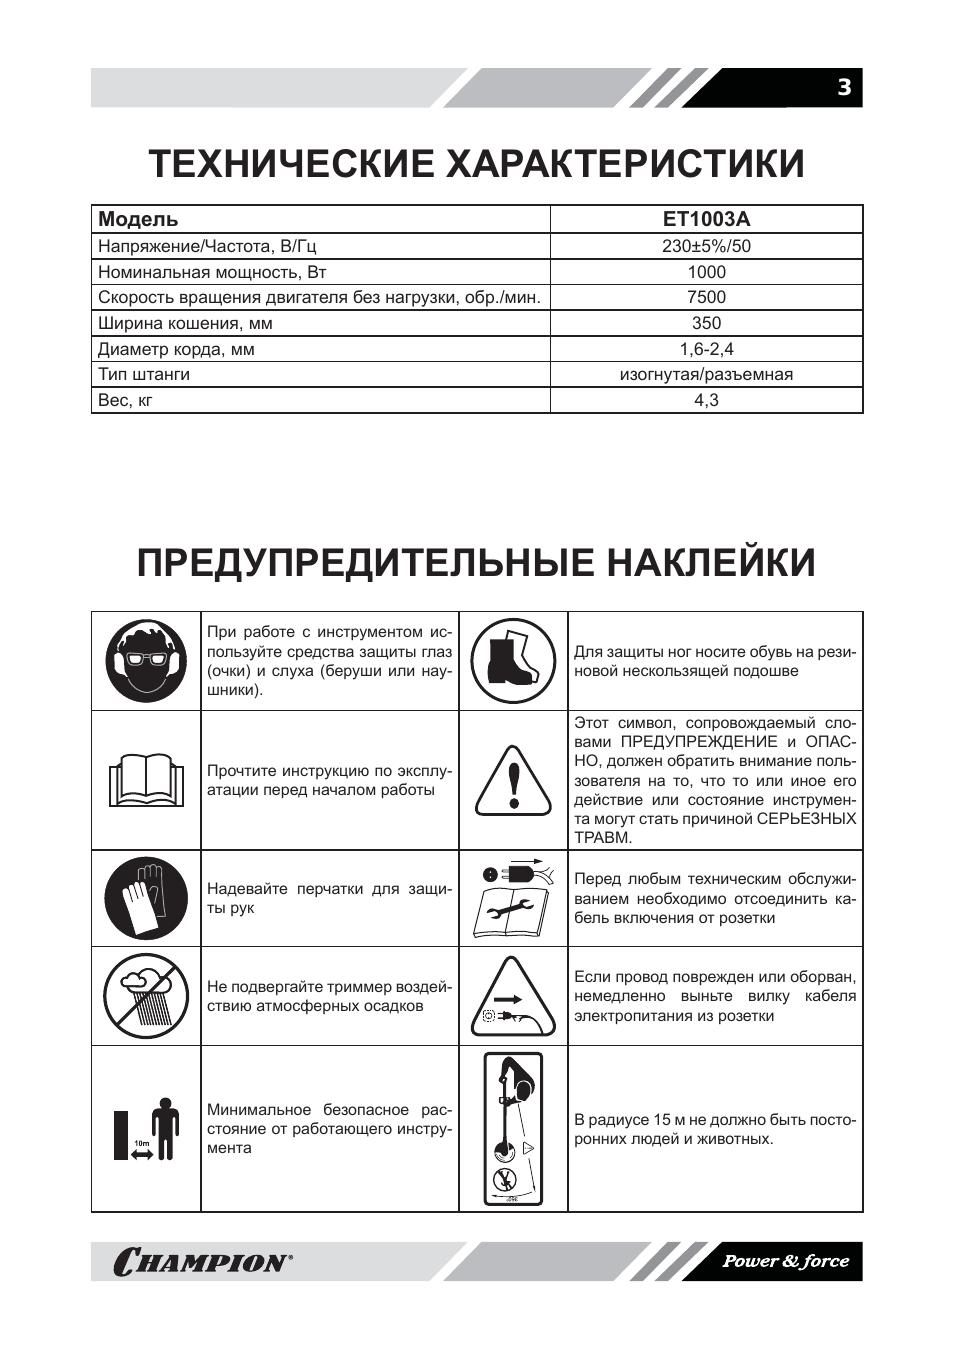 Технические характеристики, Предупредительные наклейки